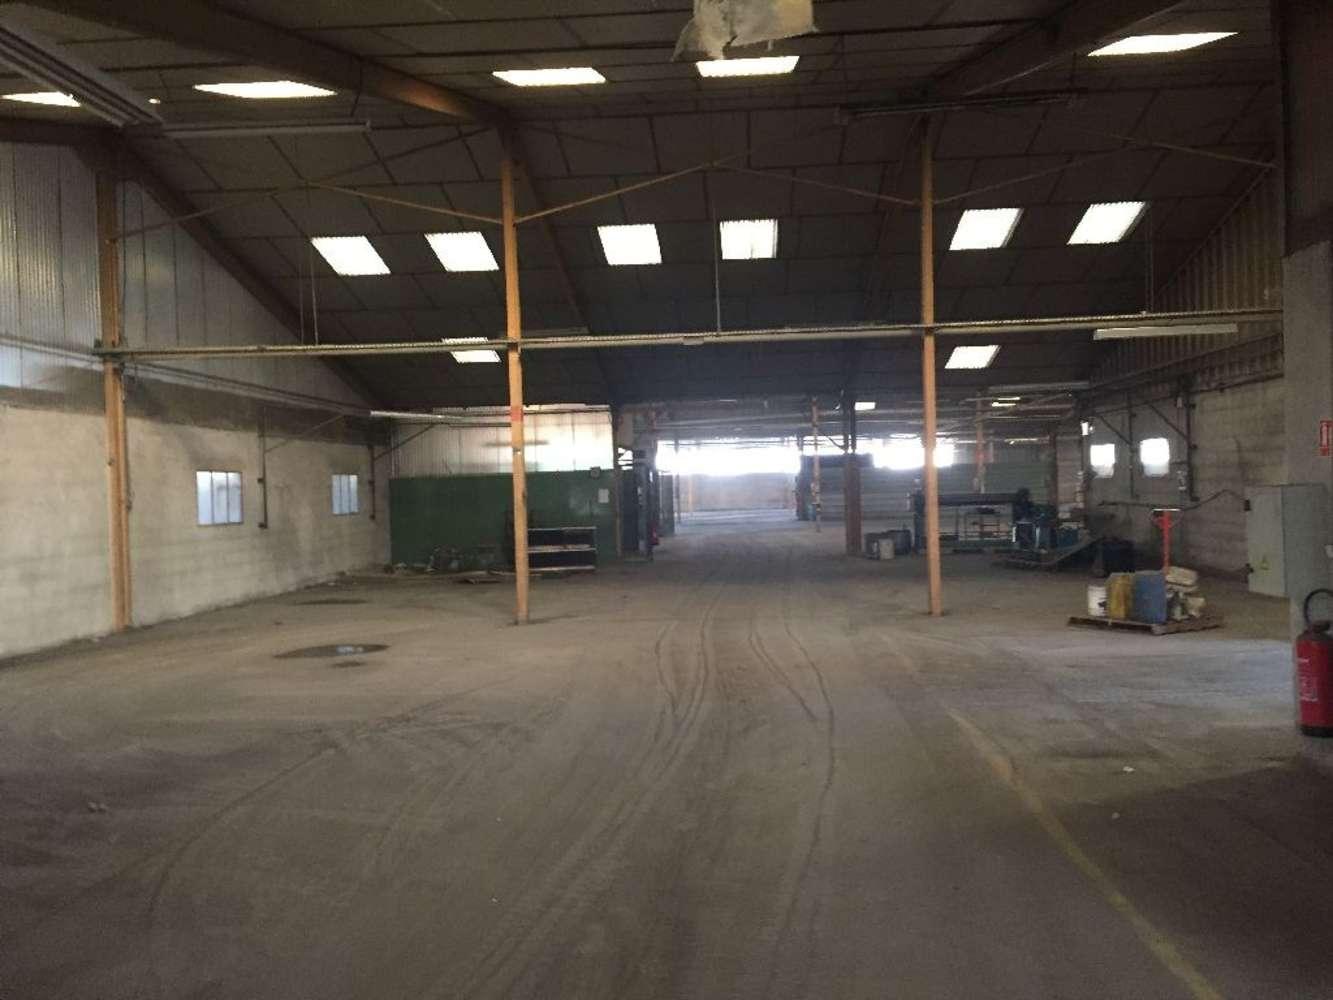 Activités/entrepôt Jassans riottier, 01480 - Vente entrepot Lyon Nord / Ain (01) - 10067108